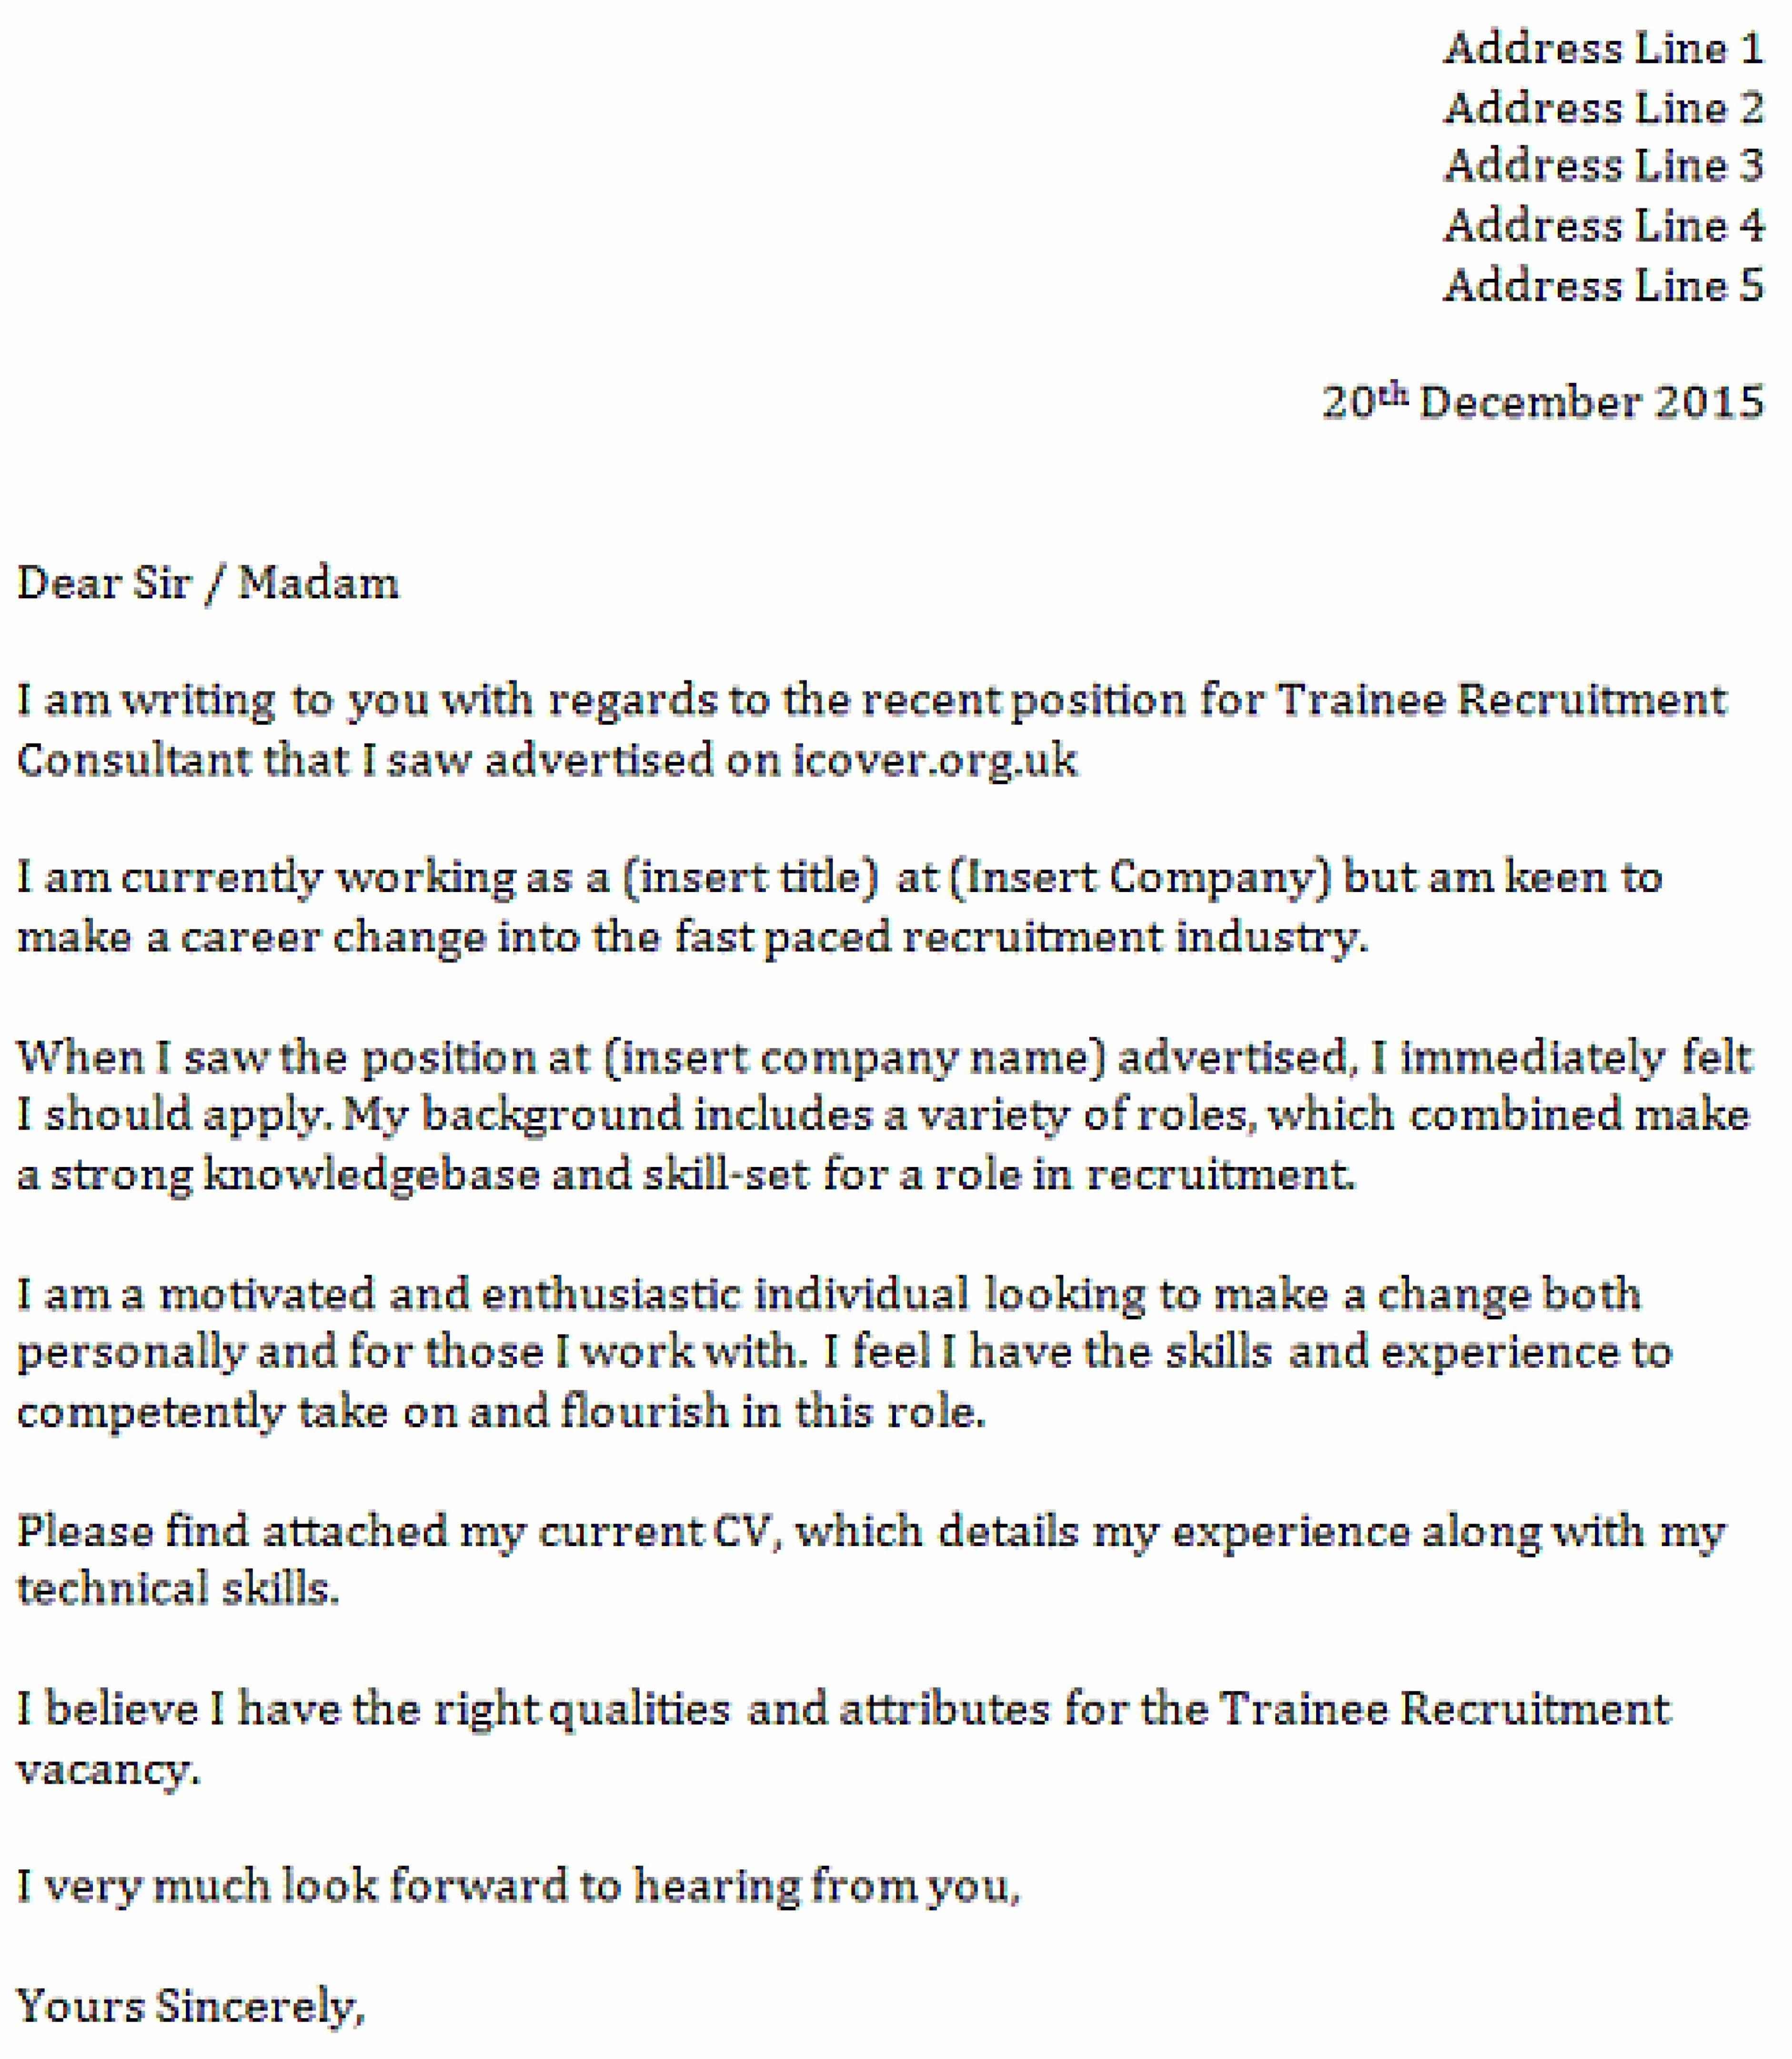 New Application Letter For Applying Job Job Cover Letter Job Letter Writing A Cover Letter